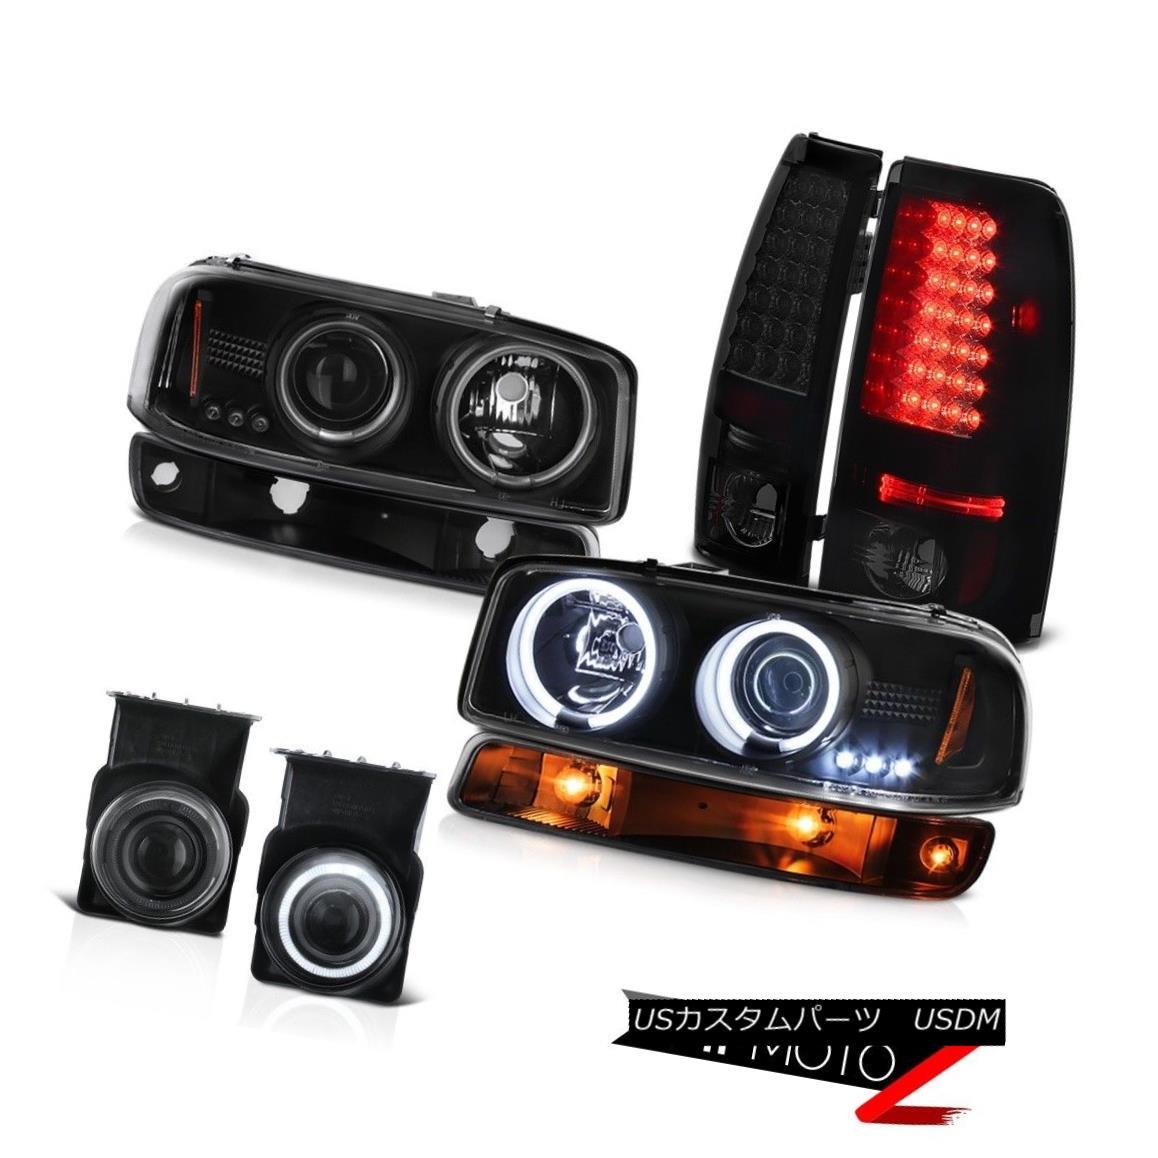 テールライト 03-06 Sierra 2500HD Smokey foglamps taillights signal light ccfl headlights LED 03-06 Sierra 2500HDスモーキーフォグランプ信号ライトccflヘッドライトLED